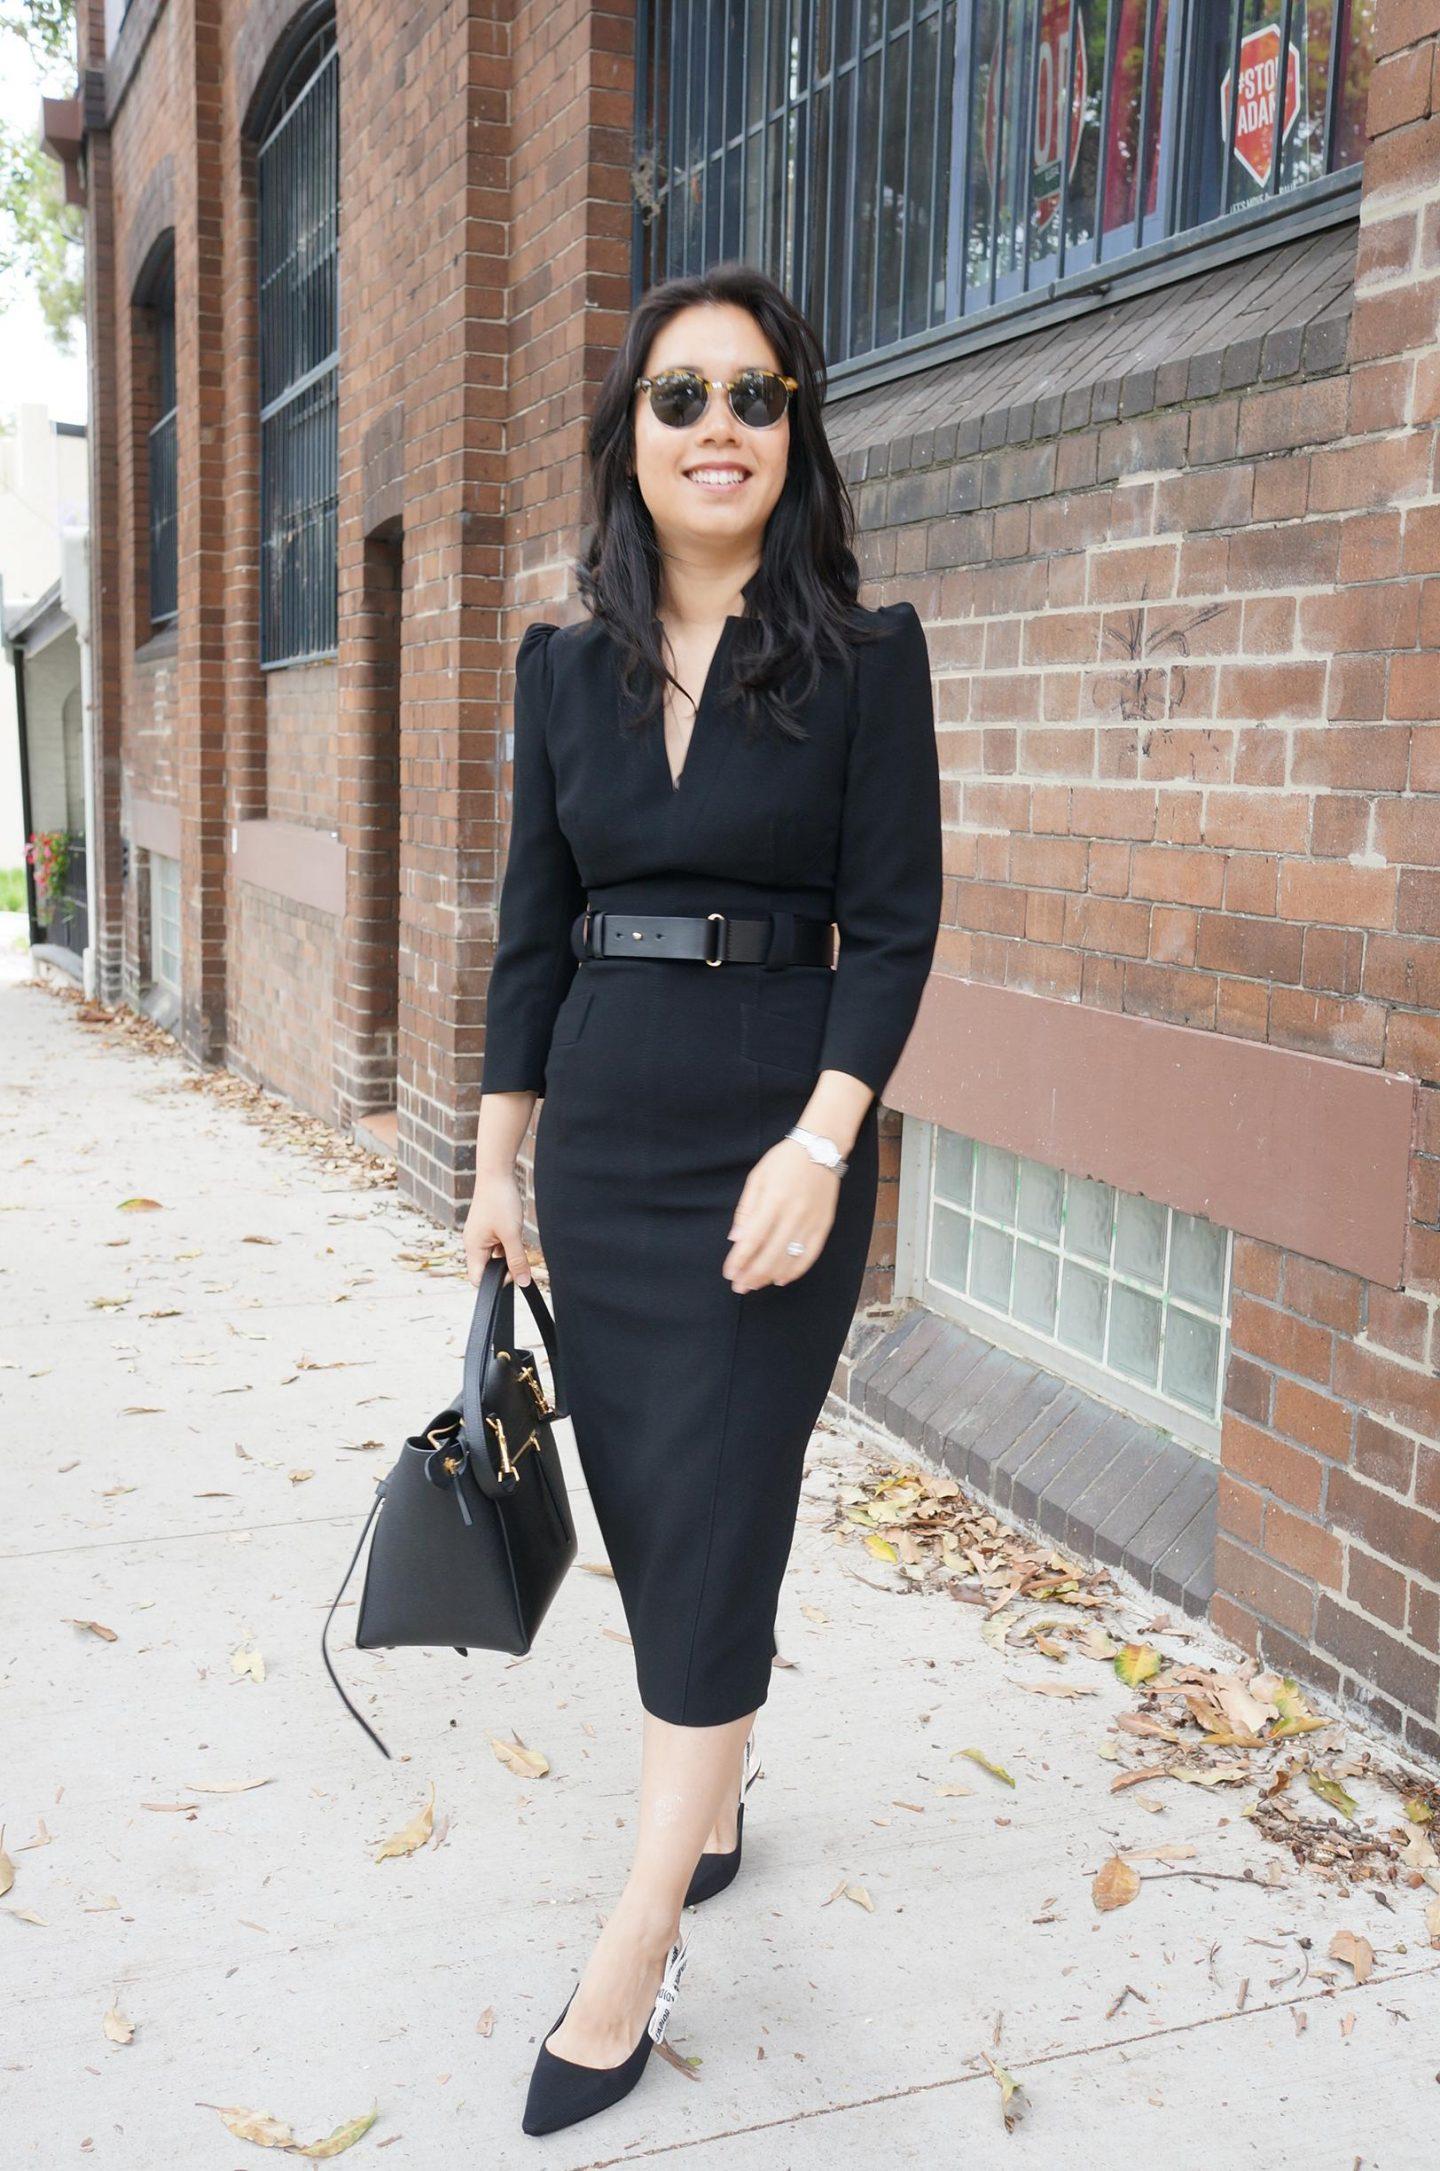 karen millen sale featuring forever dress in black and celine belt bag